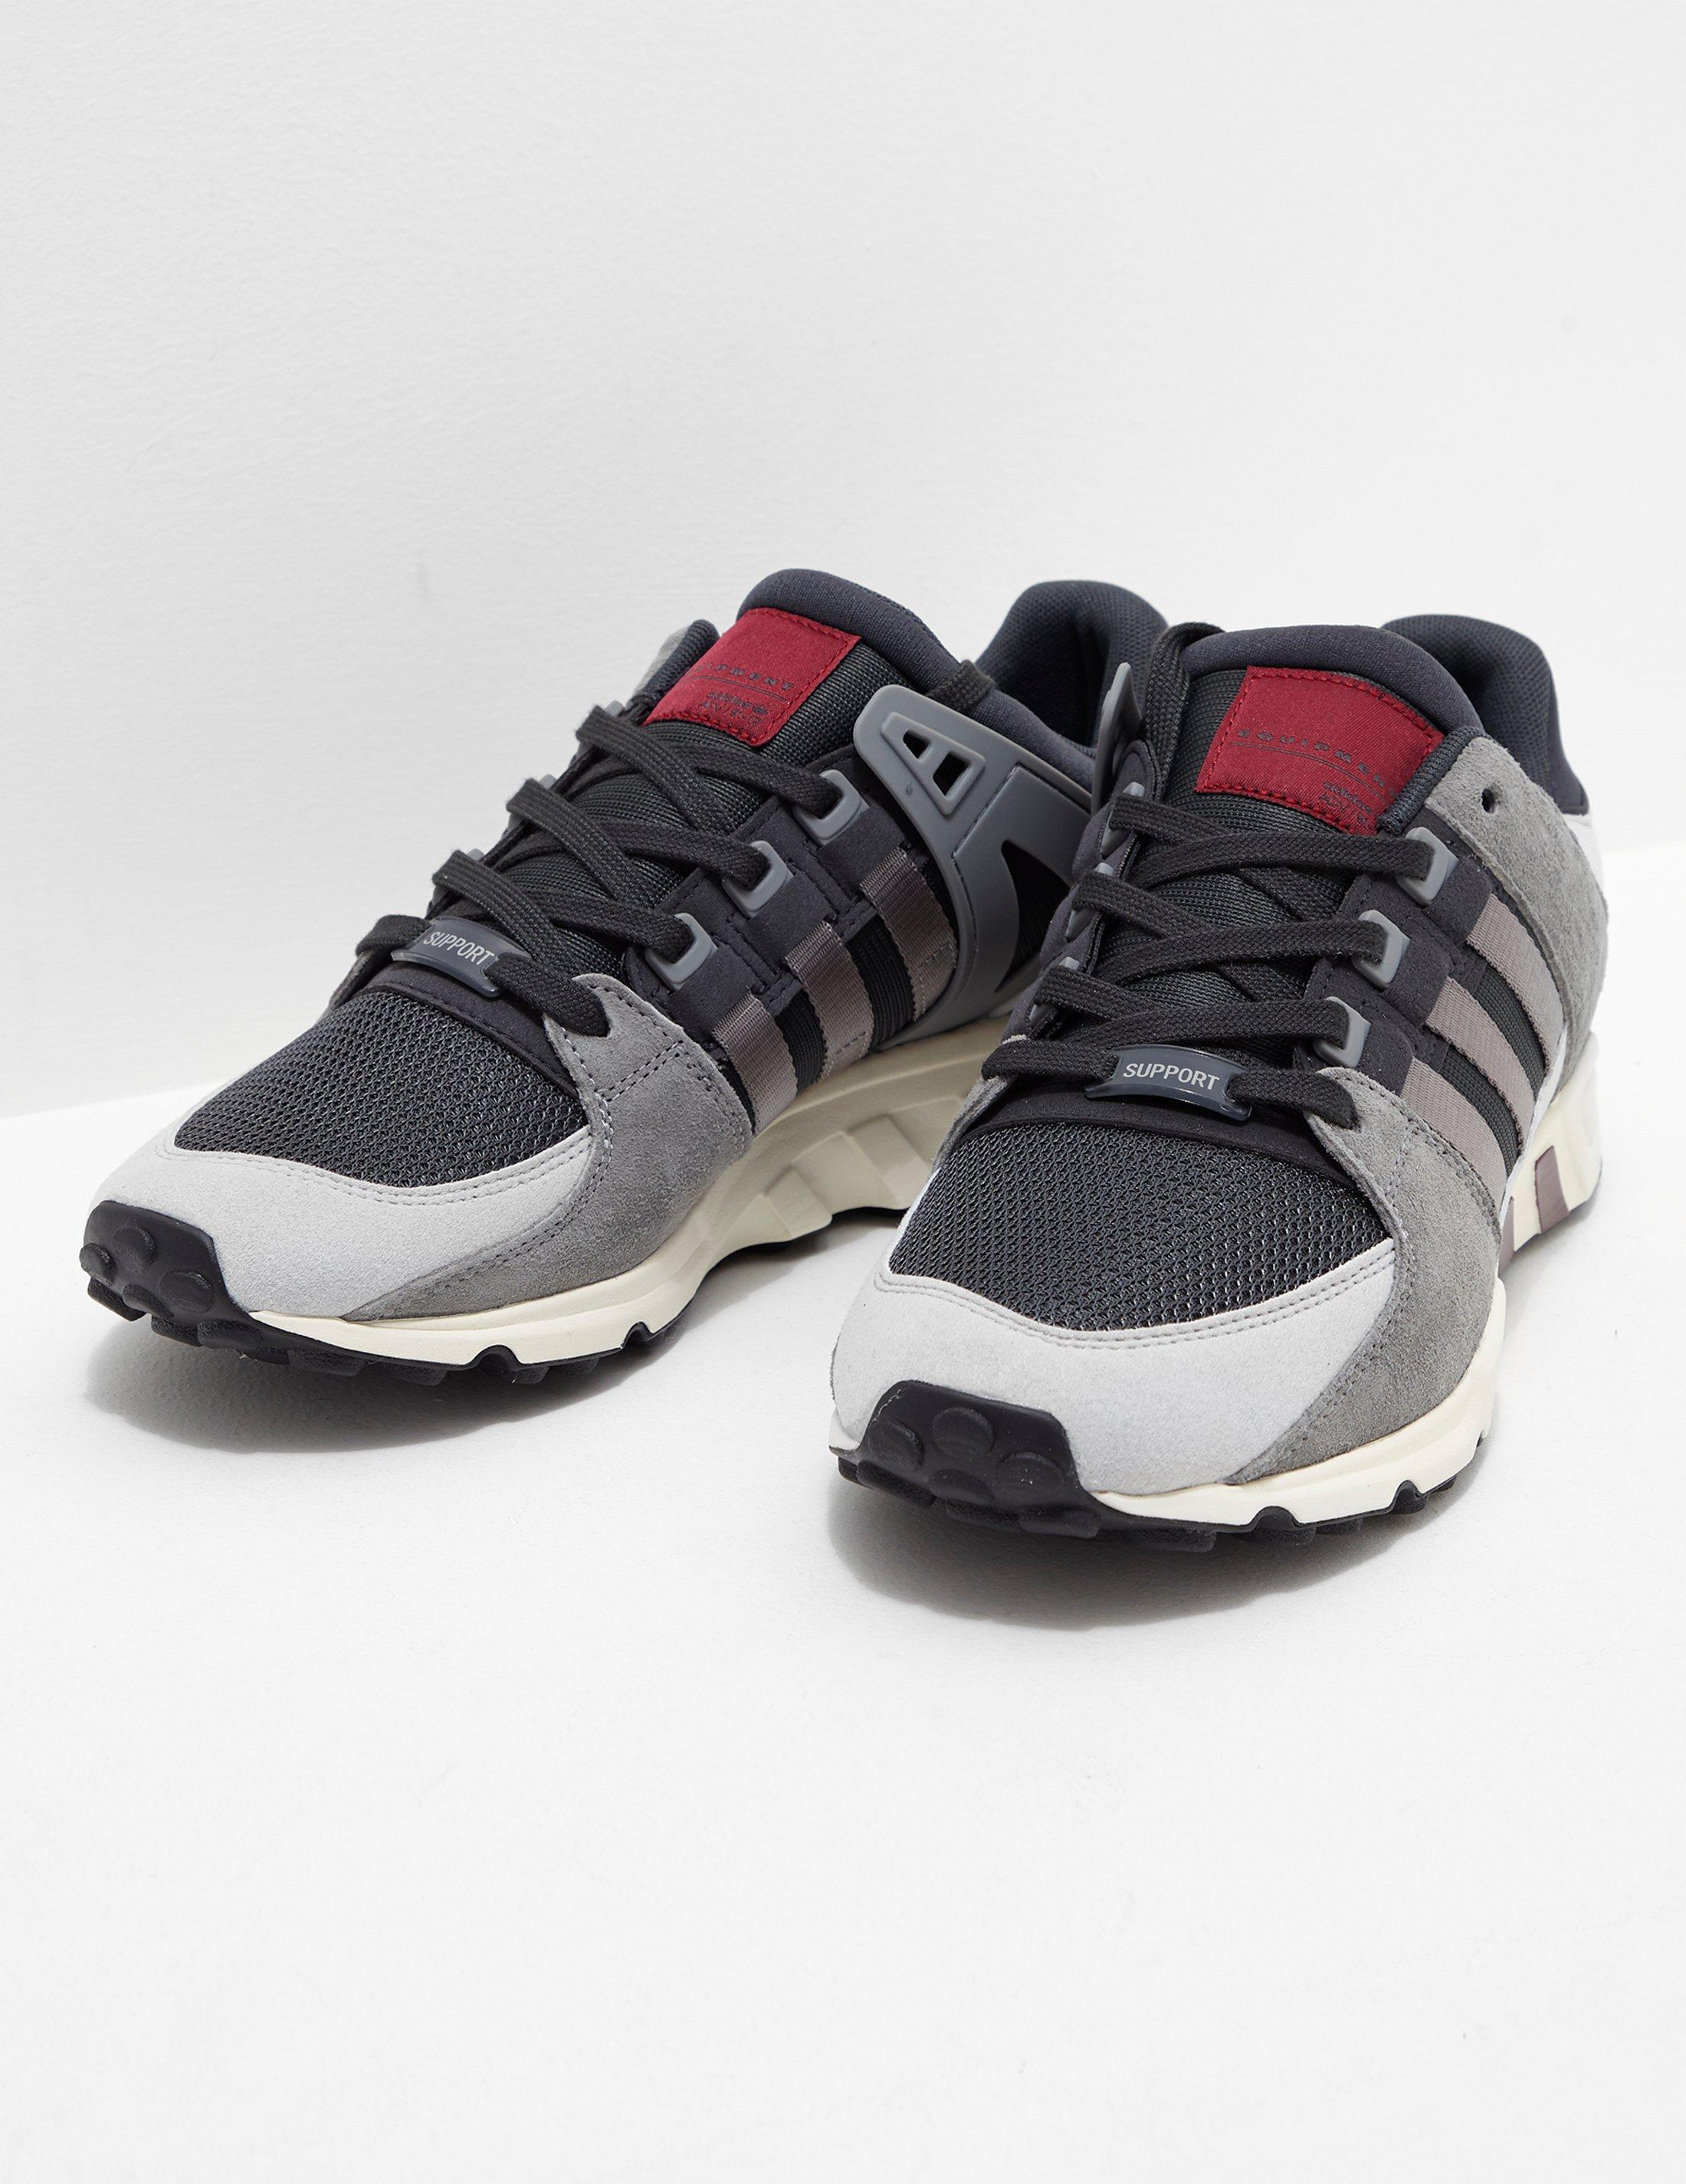 in stock 115c8 7d5d7 Lyst - adidas Originals Mens Eqt Running Support Rf Carbongr